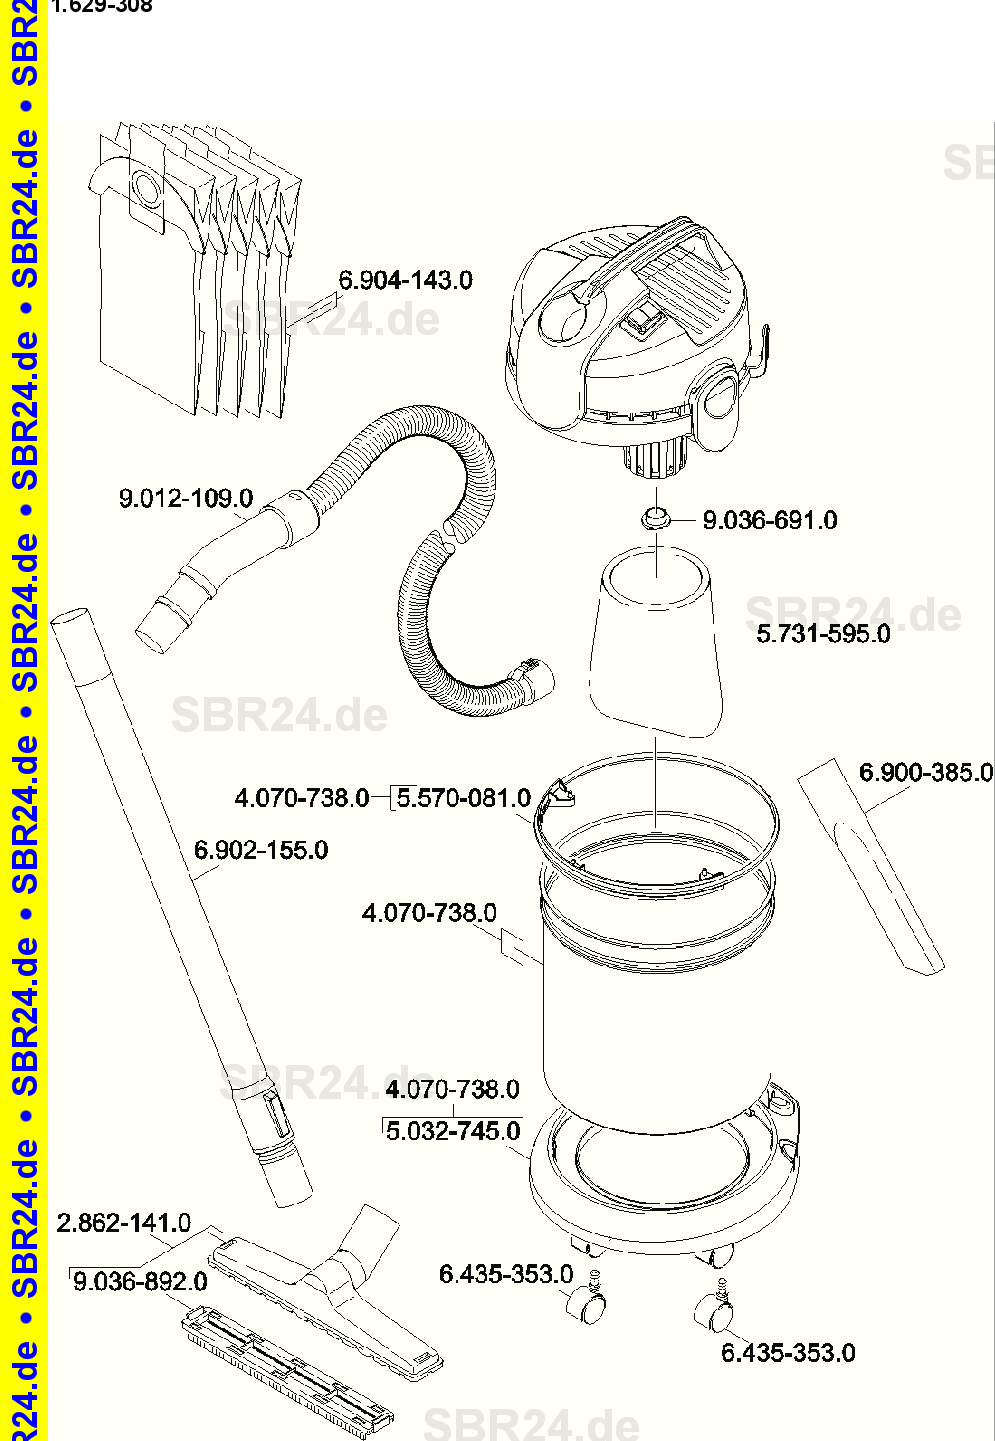 Kärcher Ersatzteile A 2120 Me Eu 1629 3080